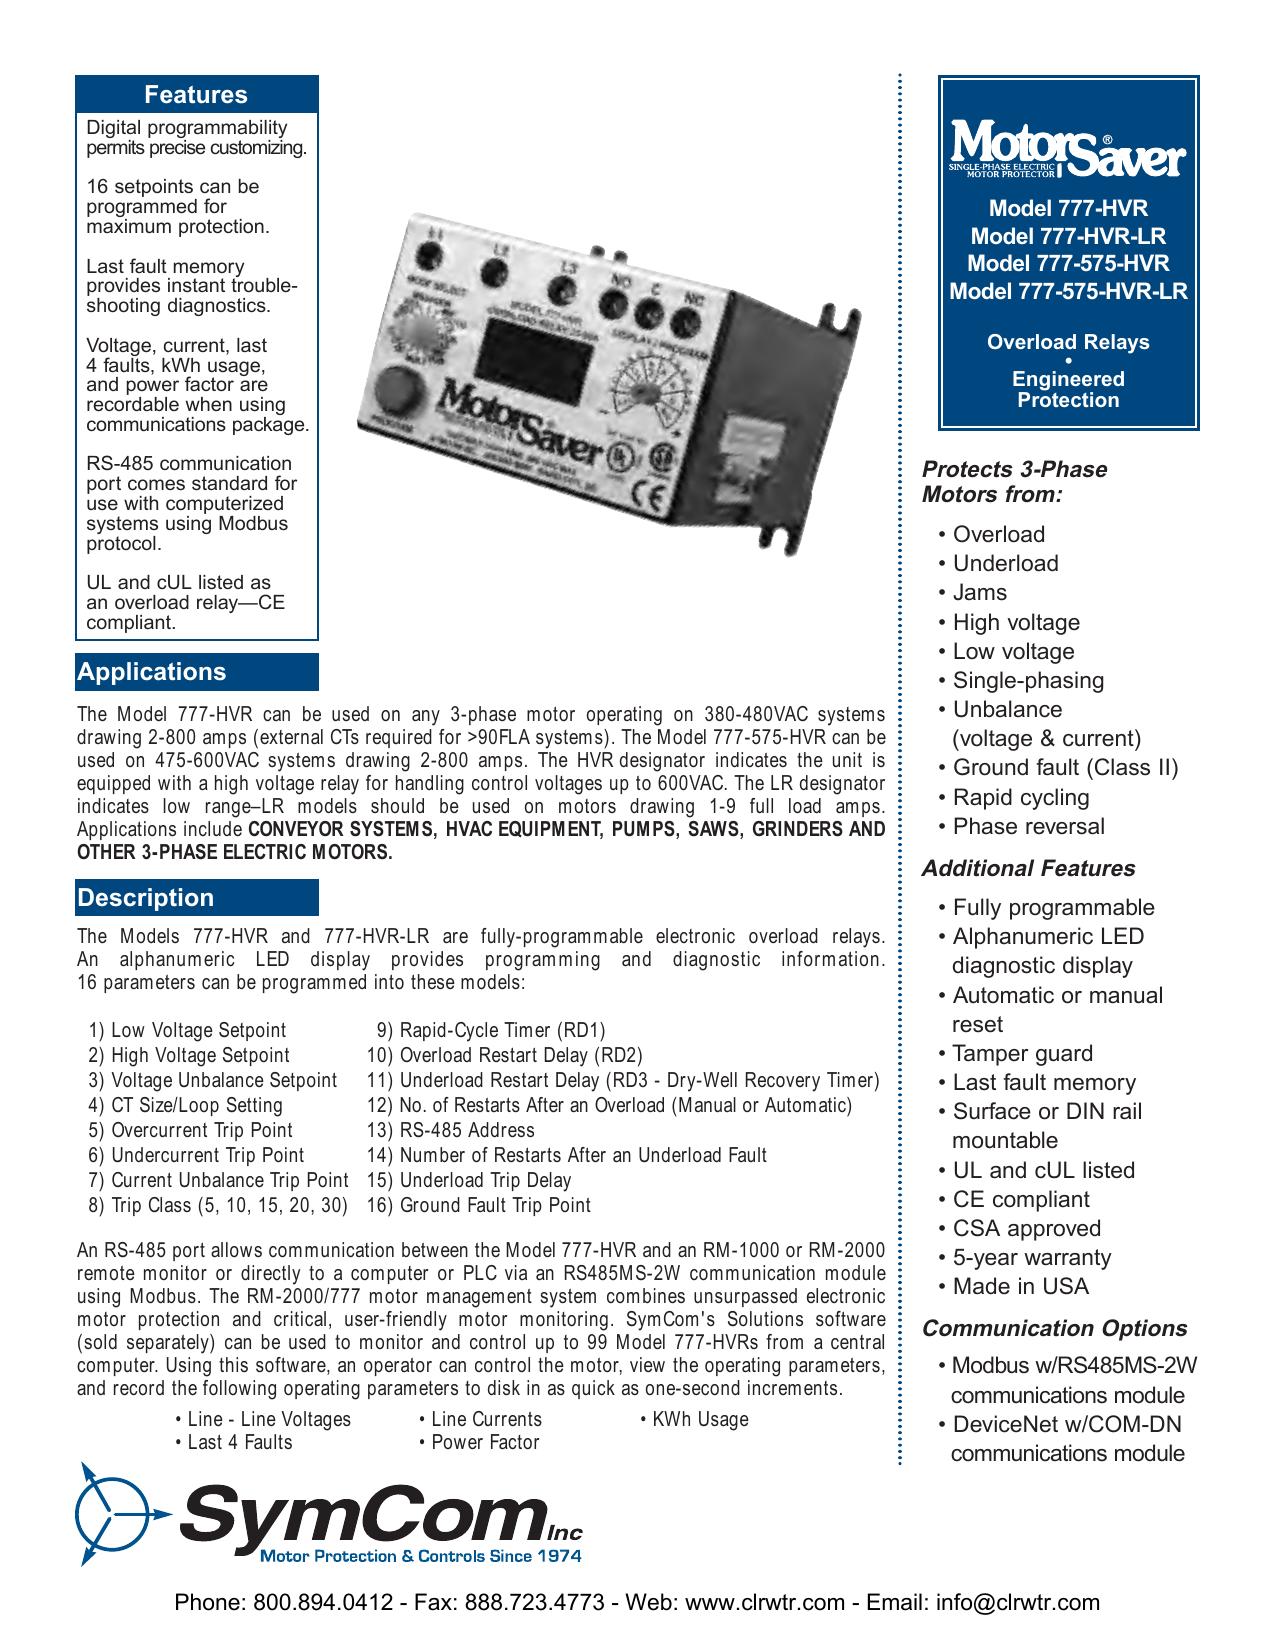 SymCom Model 777-HVR Overload Relays   manualzz.com on